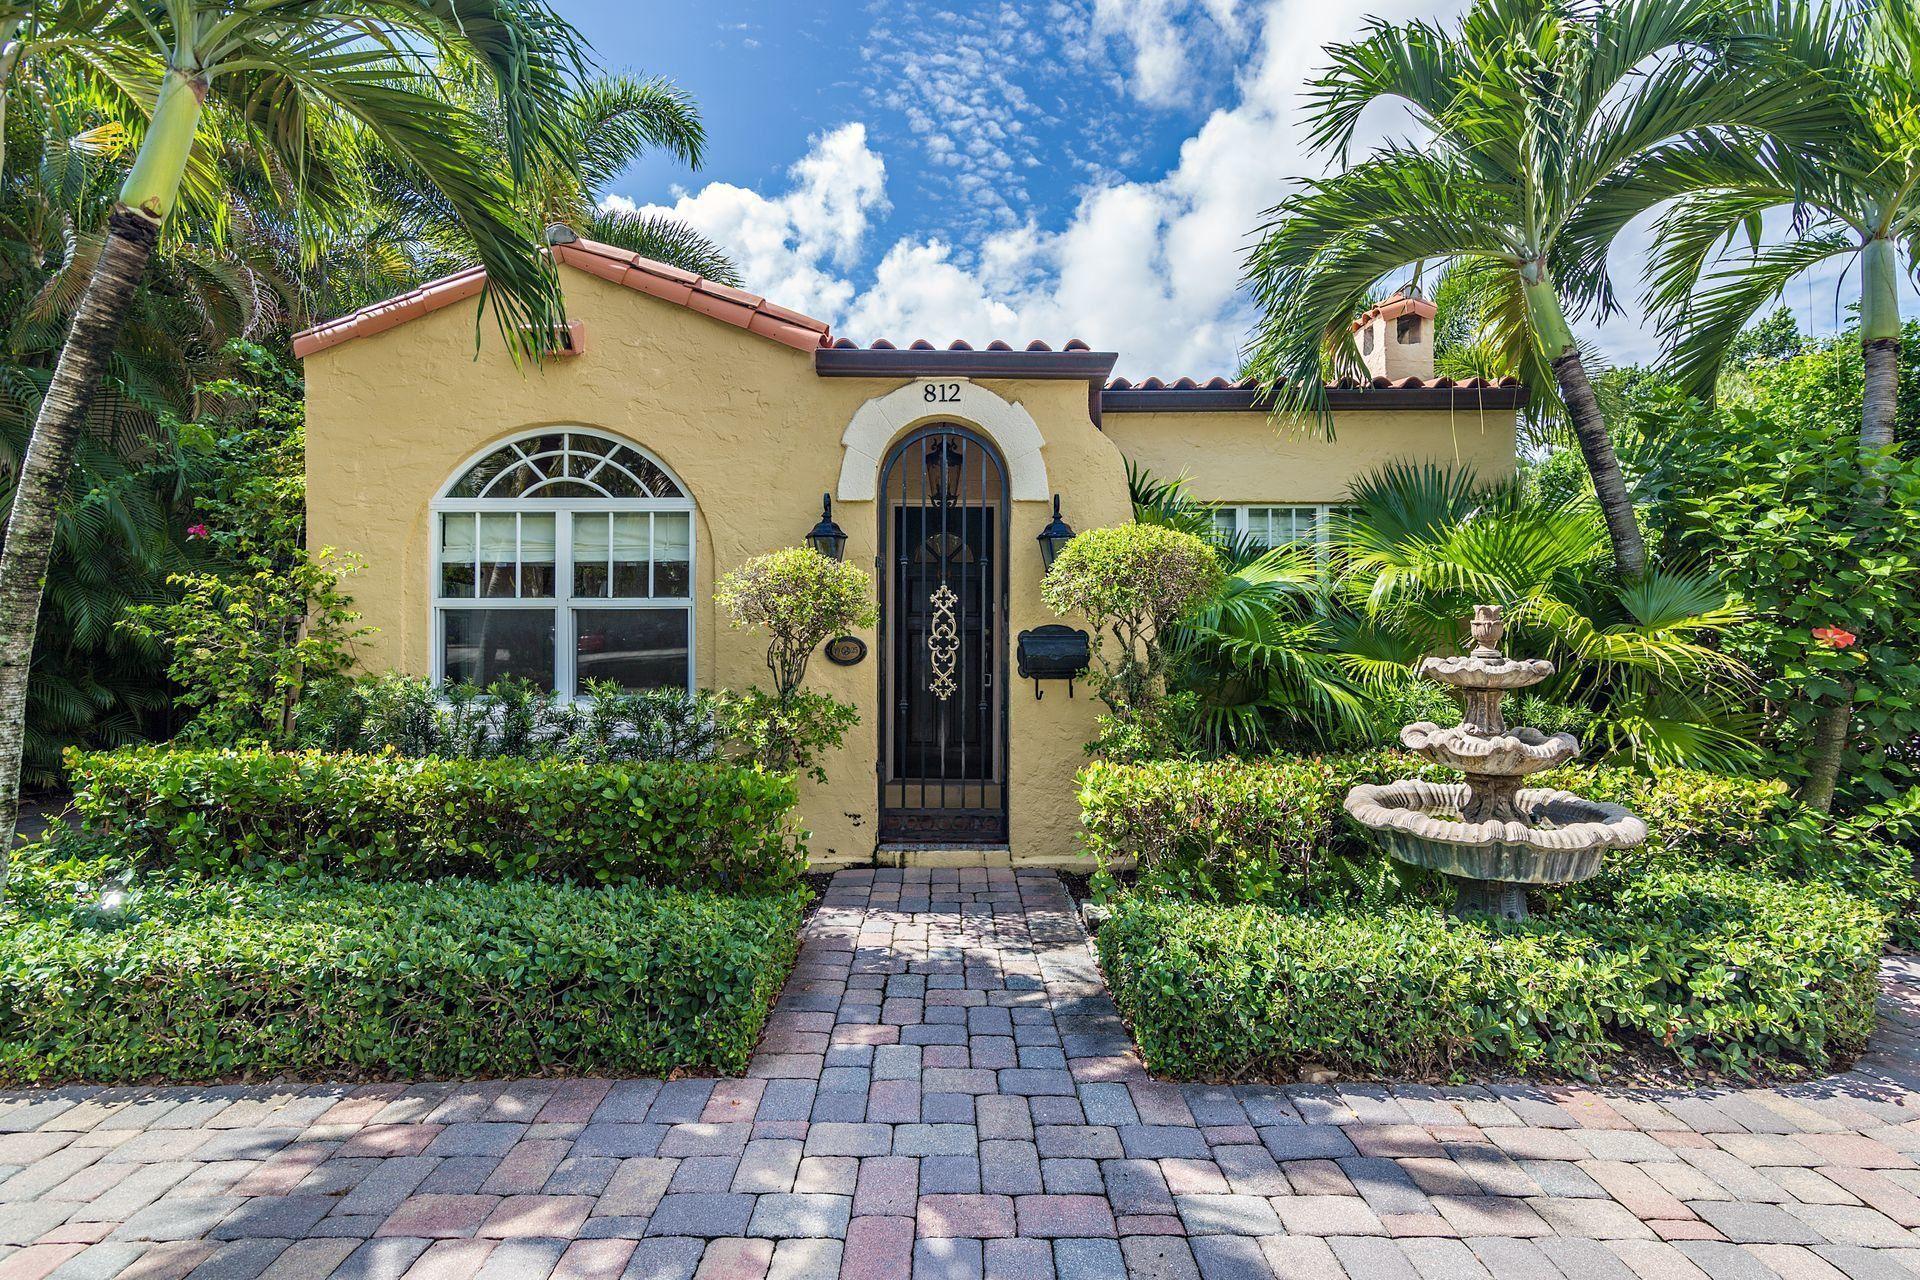 812 Park Place, West Palm Beach, FL 33401 - #: RX-10647984